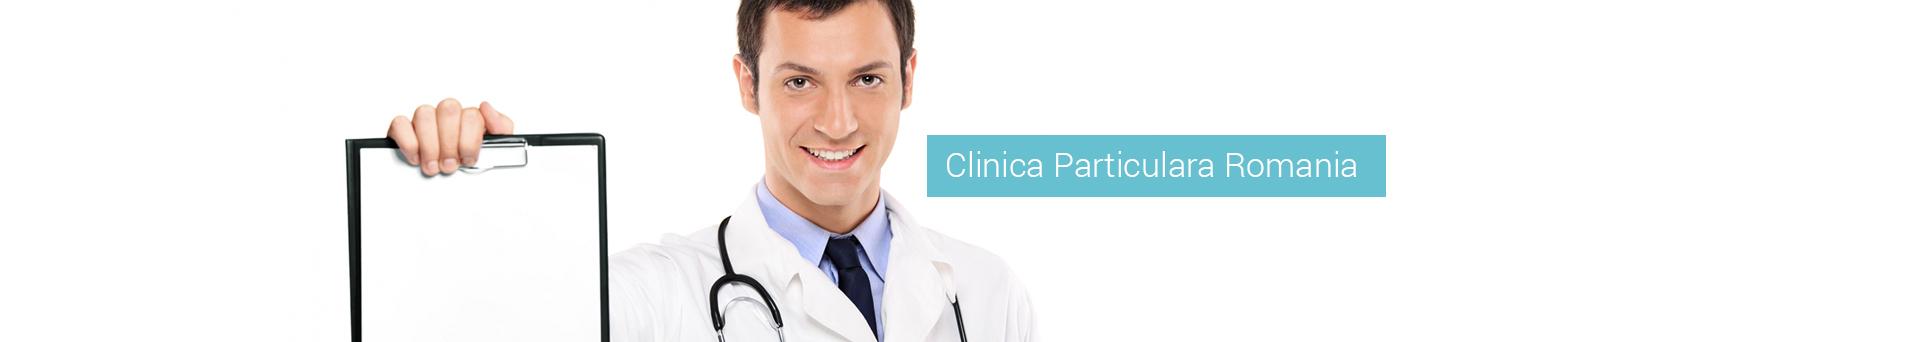 Clinica Particulara